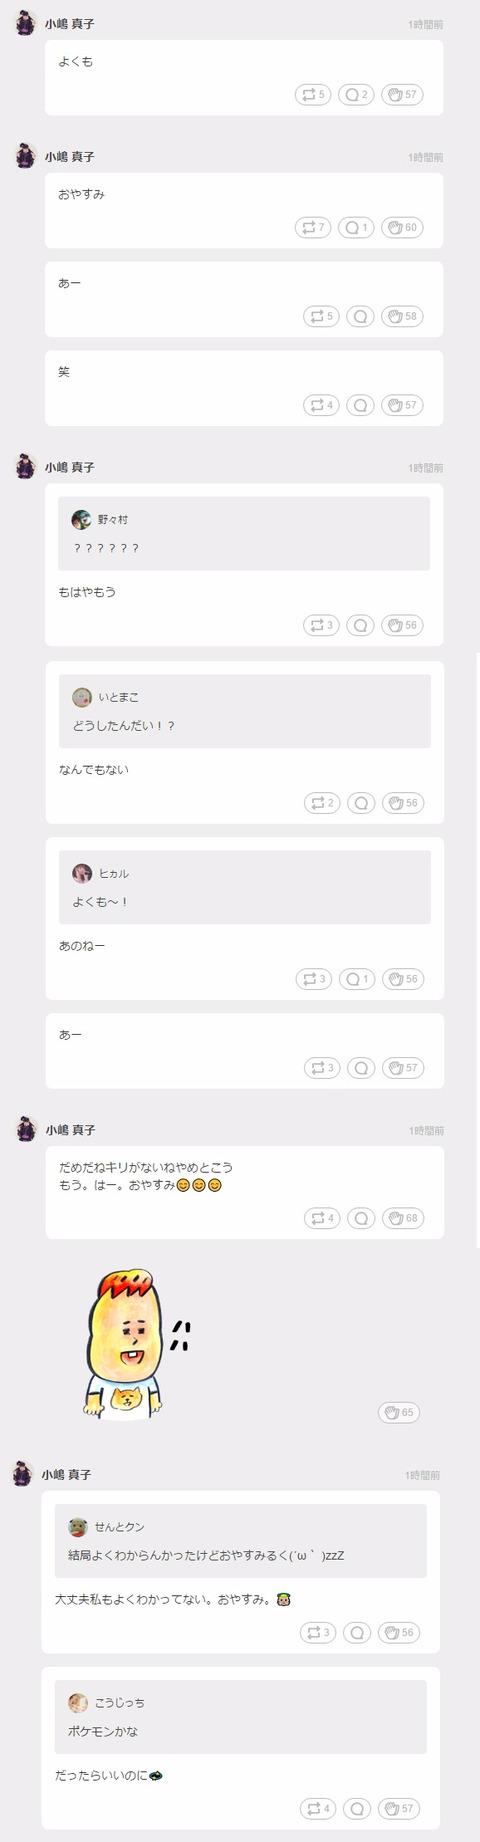 【AKB48】こじまこが755でぶっ壊れた意味不明な投稿してるwww【小嶋真子】